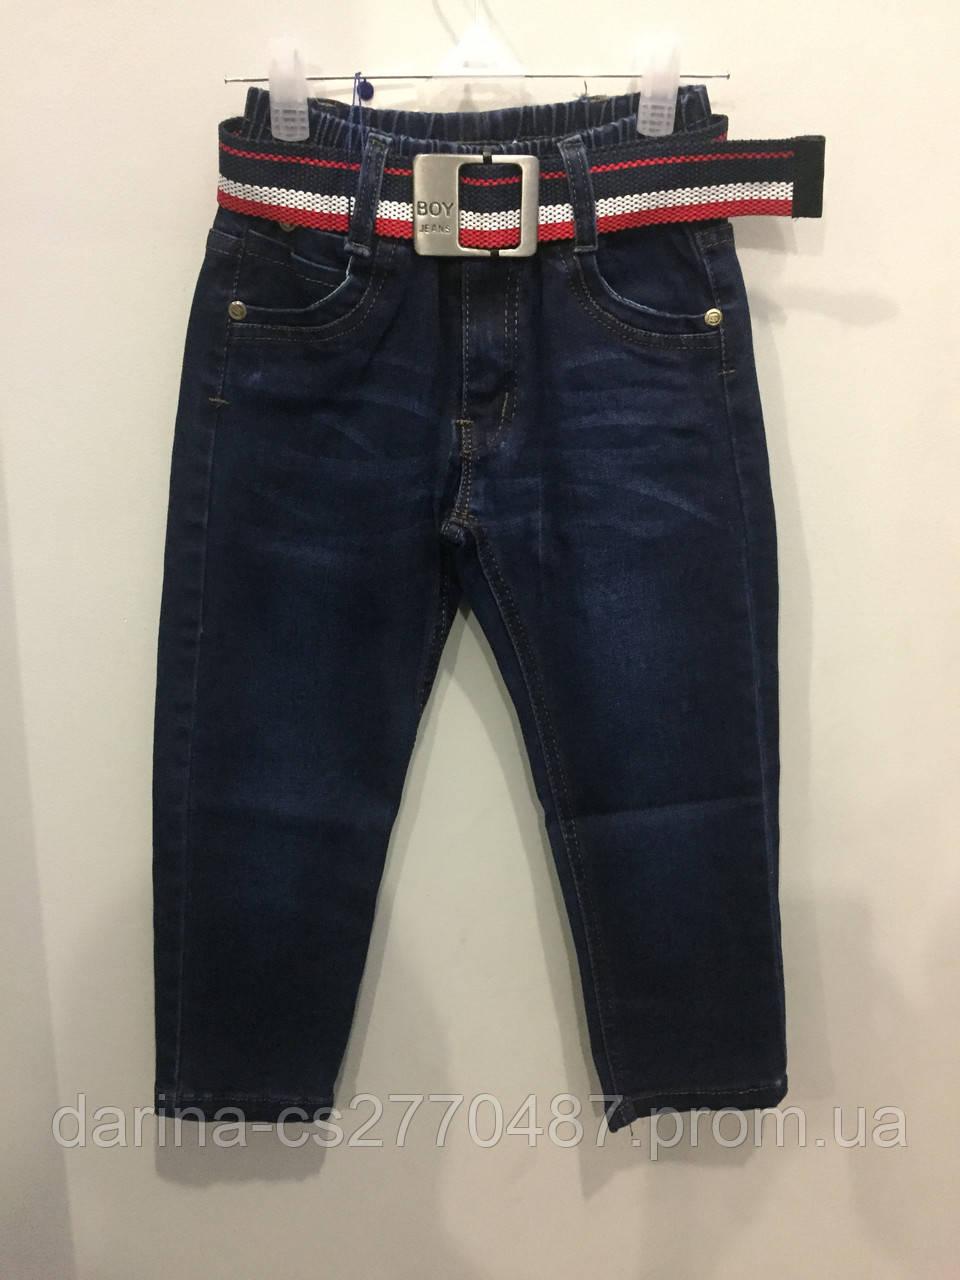 Детские джинсы на мальчика 104,110,116 см